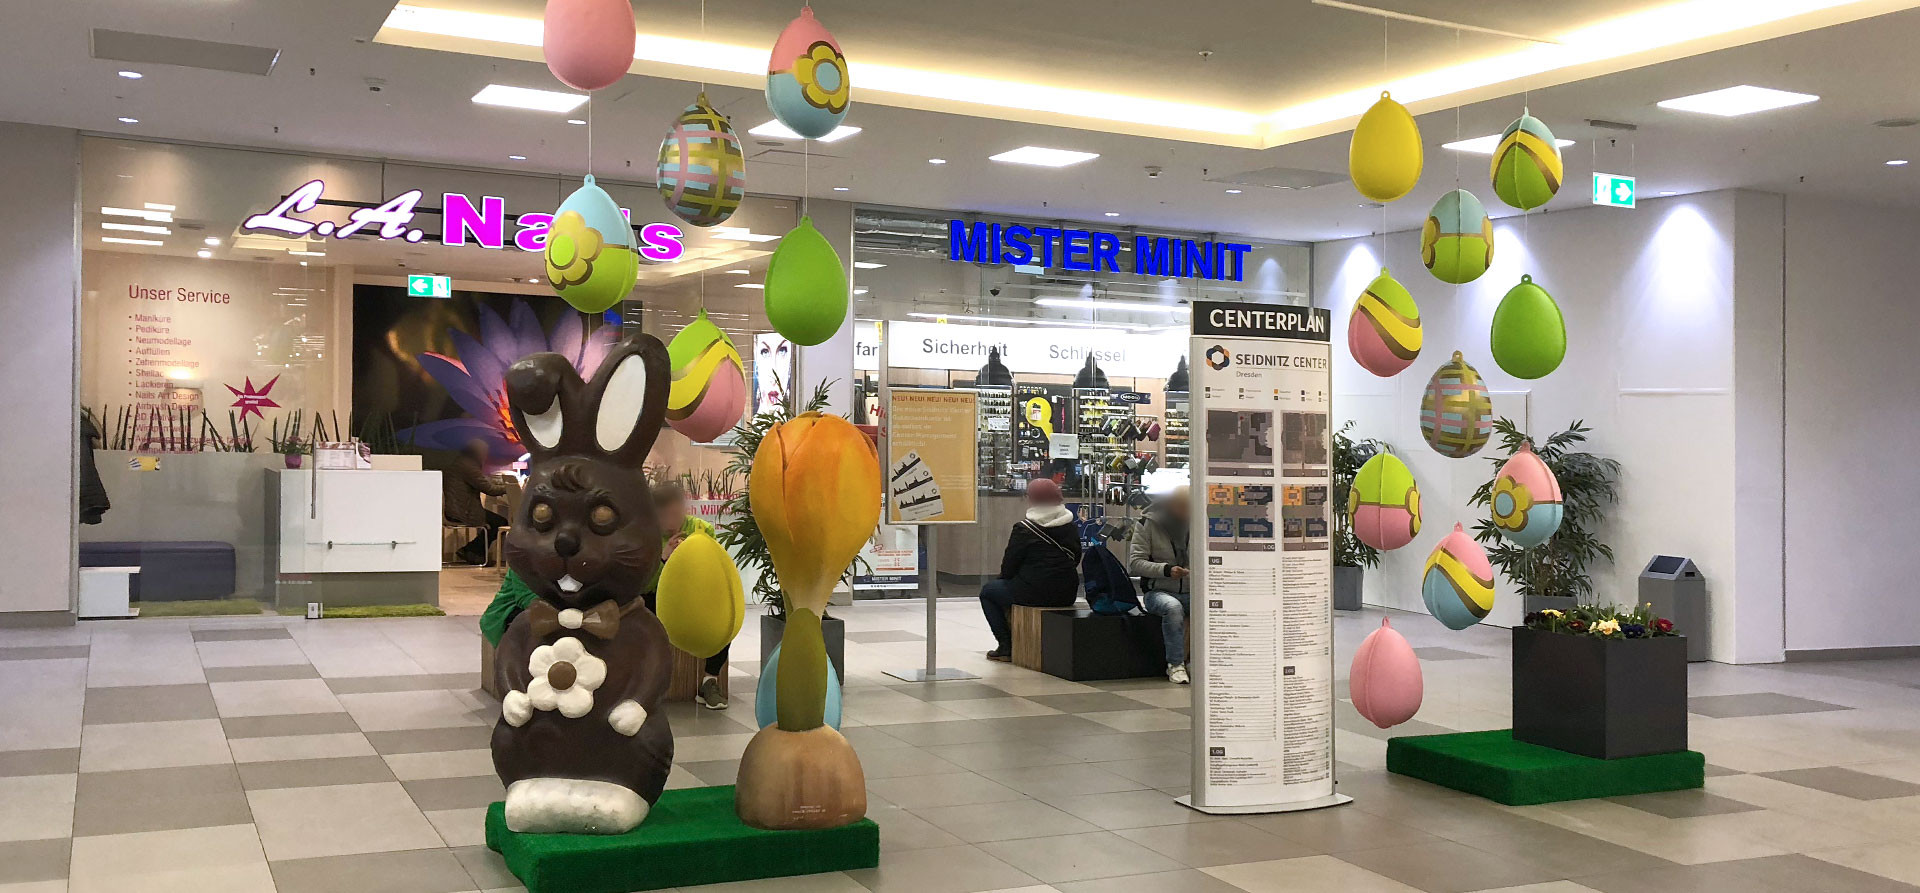 Einkaufscenter Dekoration Ostern